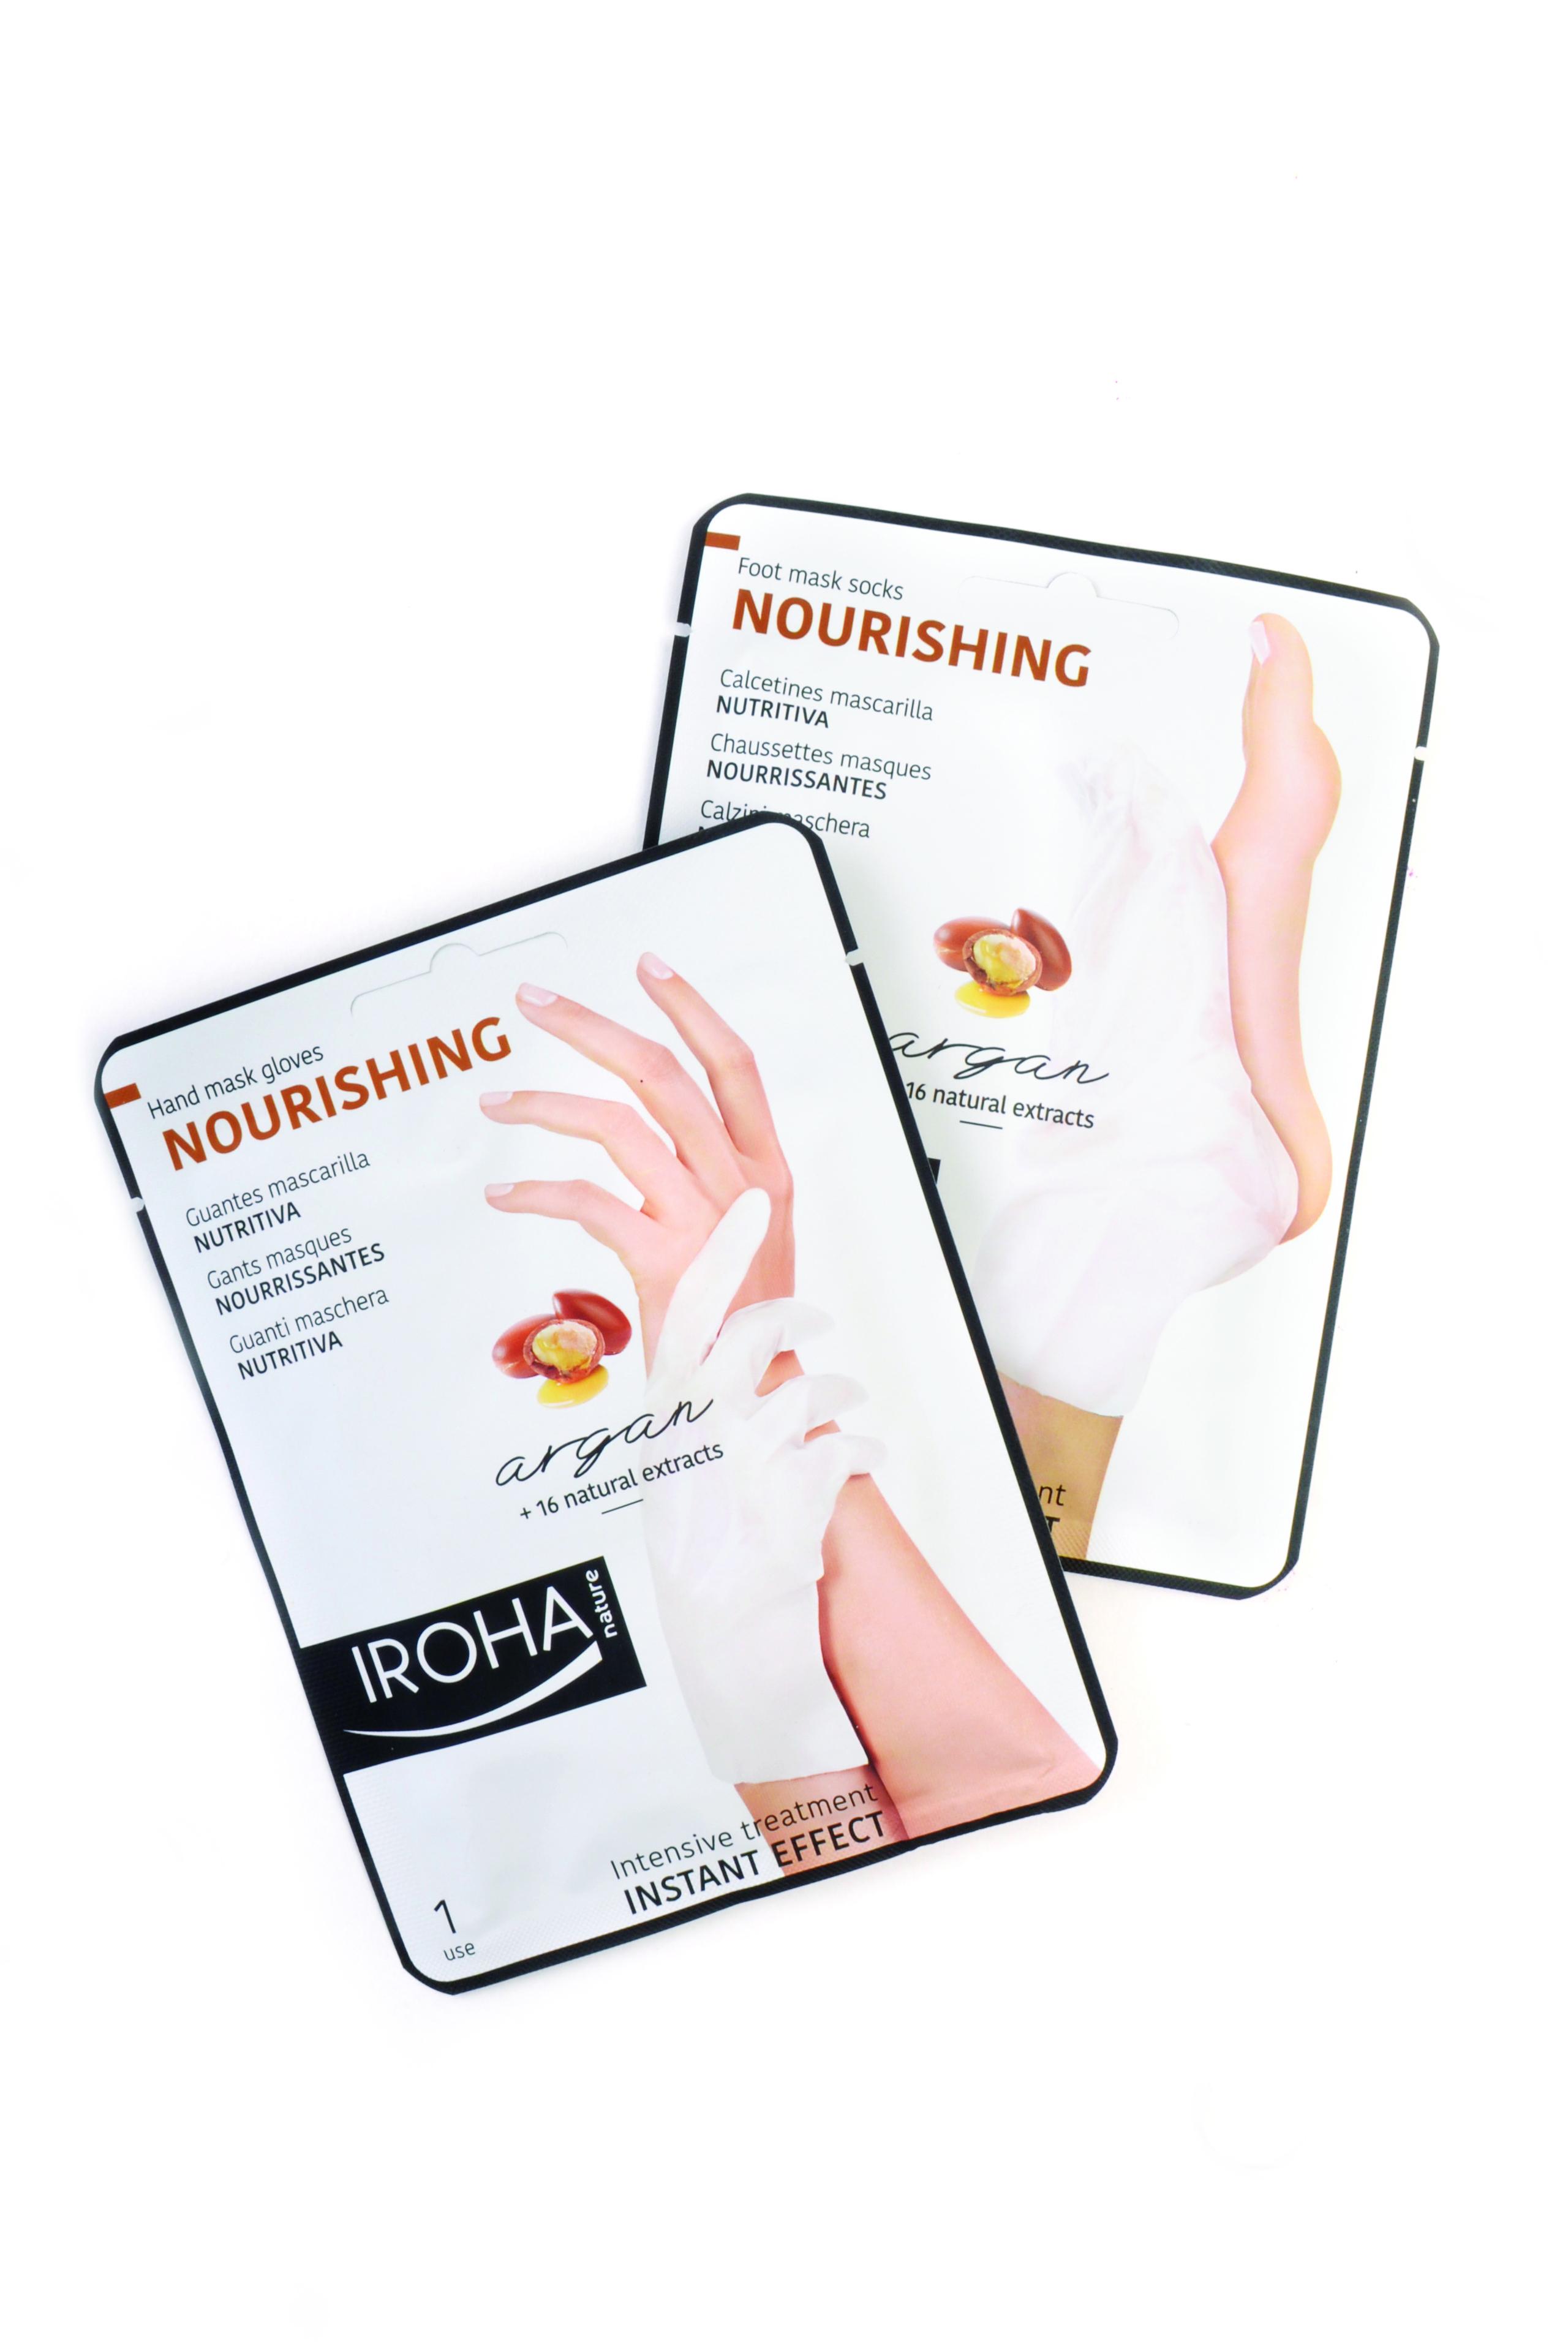 Iroha Hand and Foot Masks Nourish Skin